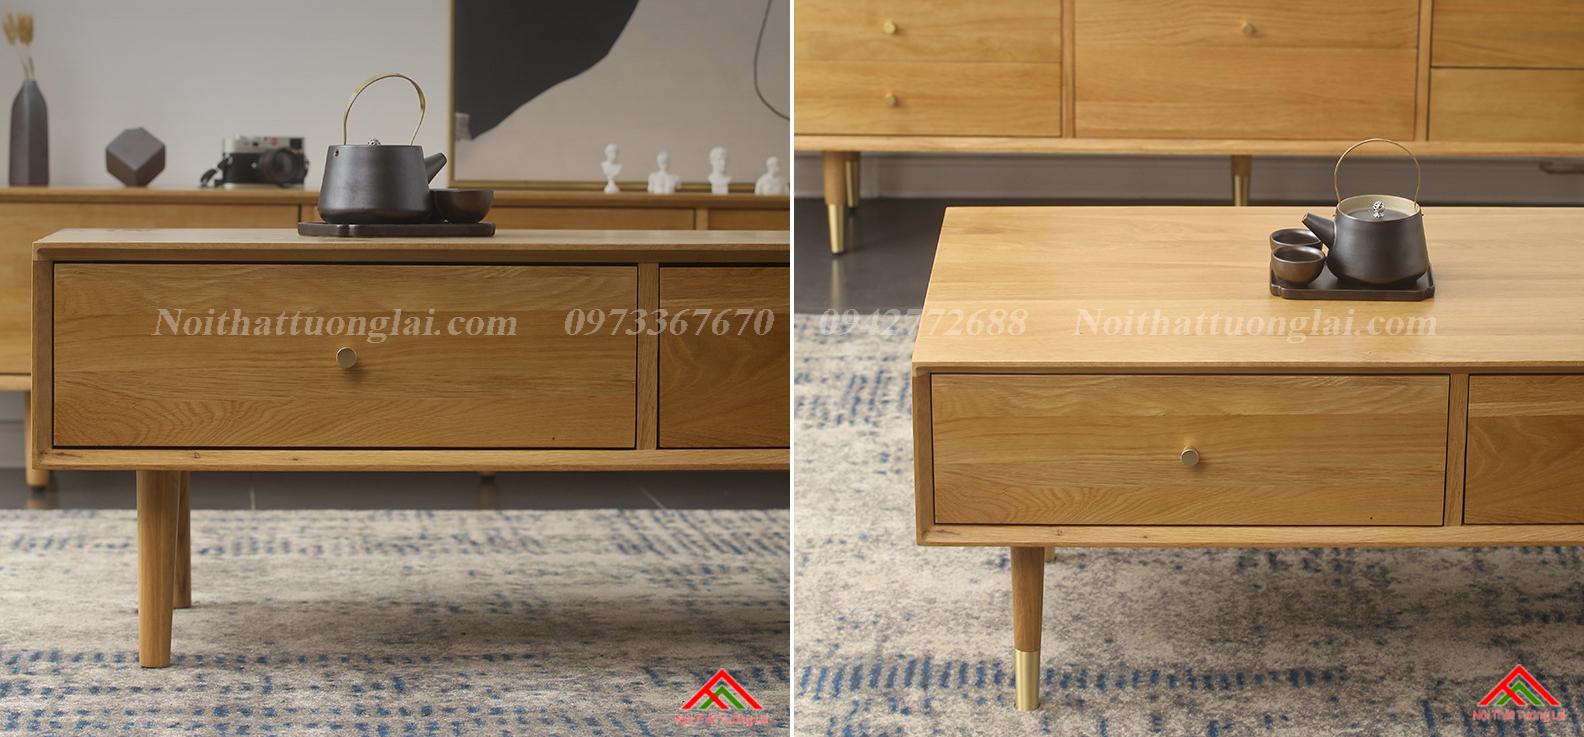 Bàn trà sofa kết cấu chắc chắn BN6809 8